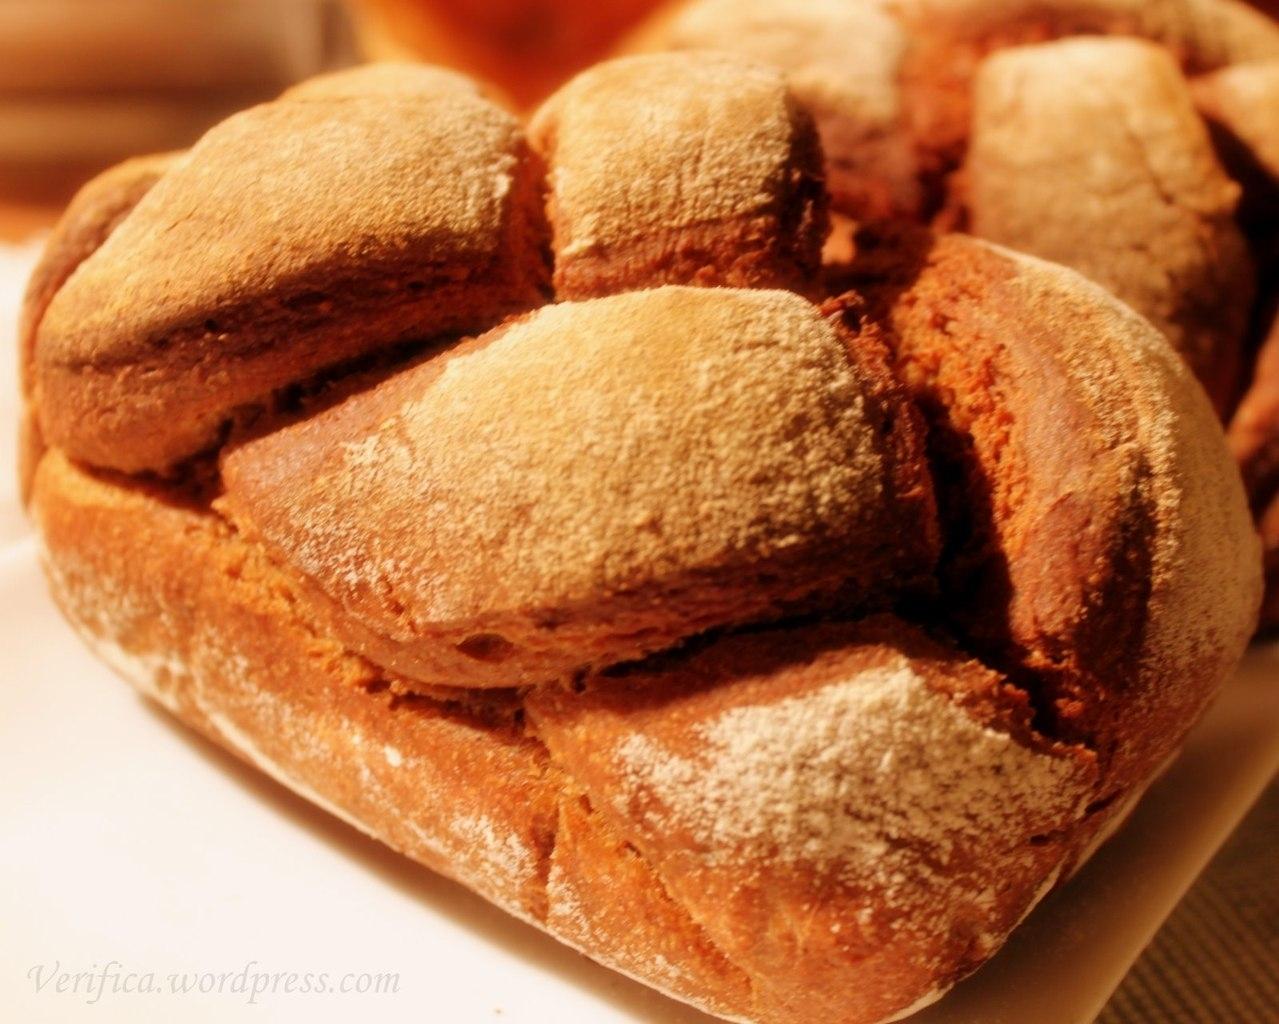 Черствому хлебу запросто можно вернуть былую свежесть